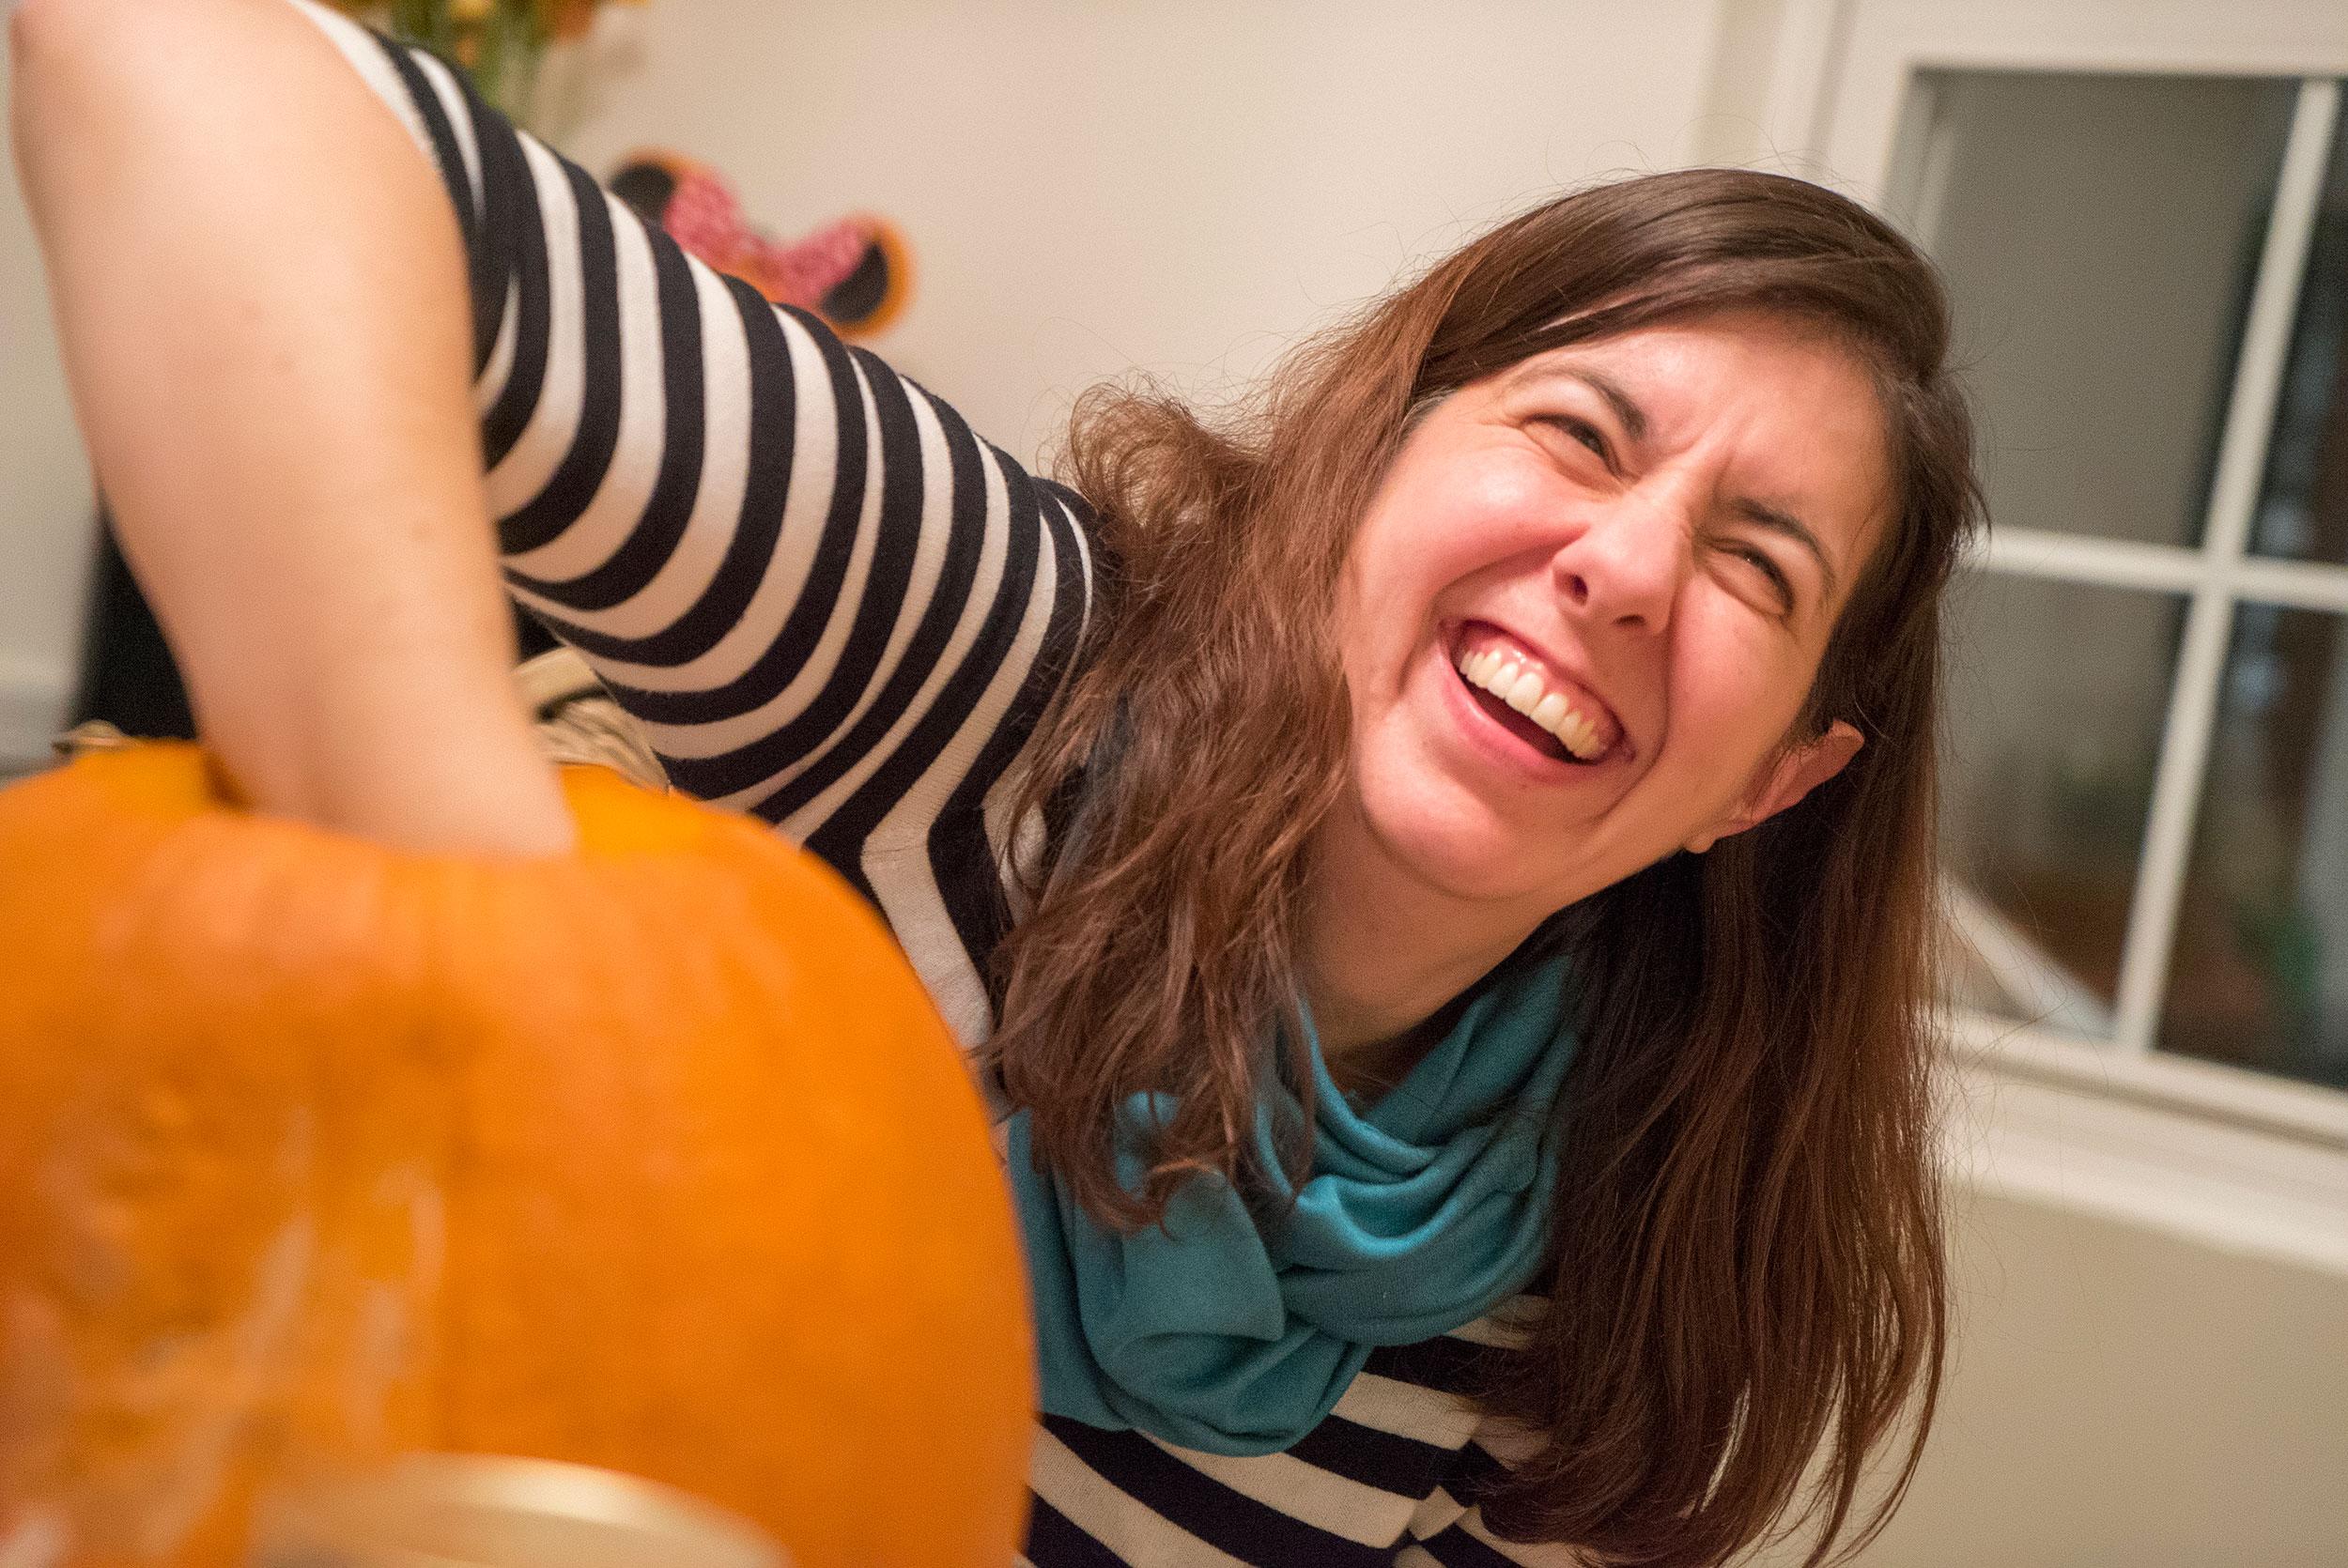 Blog-Office-Pumpkin-06.jpg